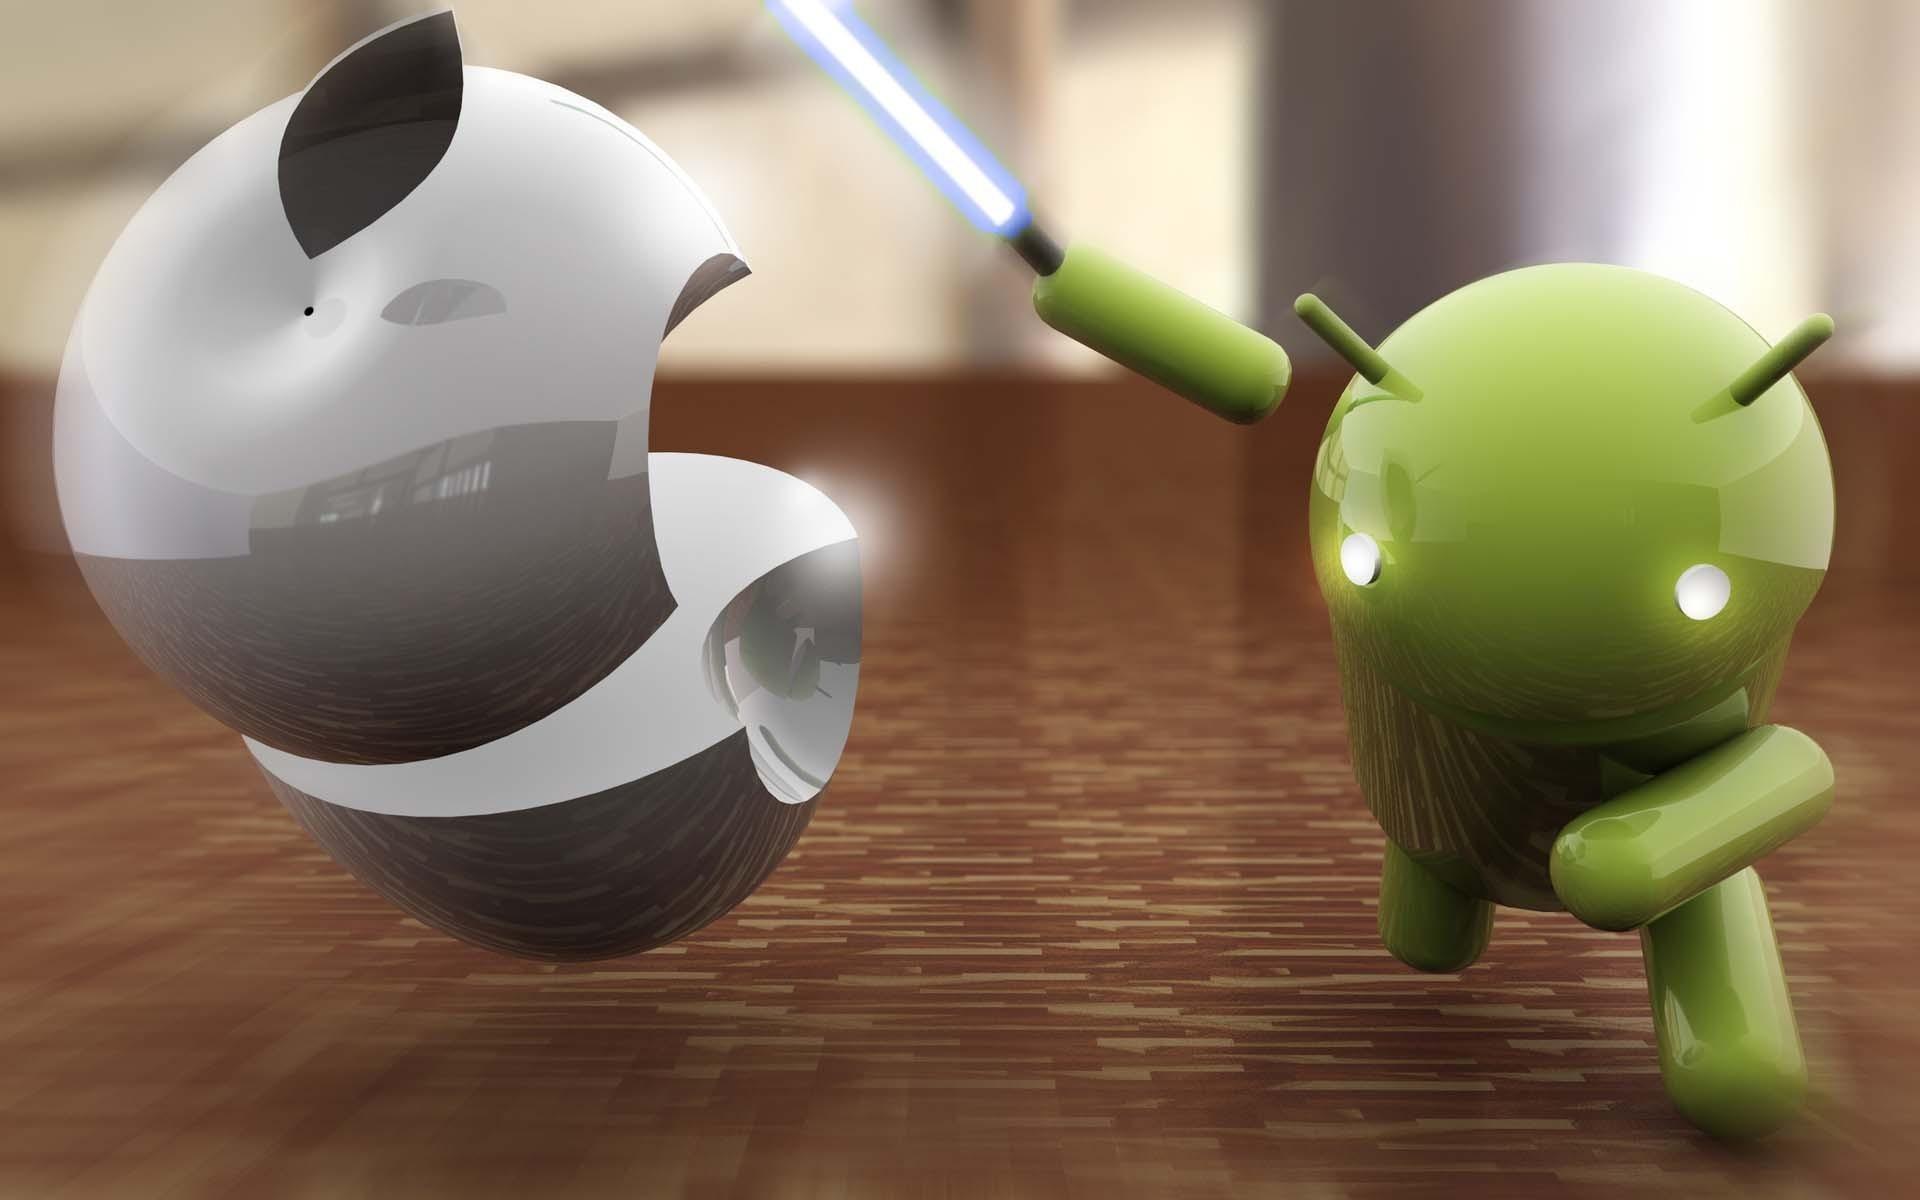 Скачать обои на рабочий стол на Андроид   подборка (13)